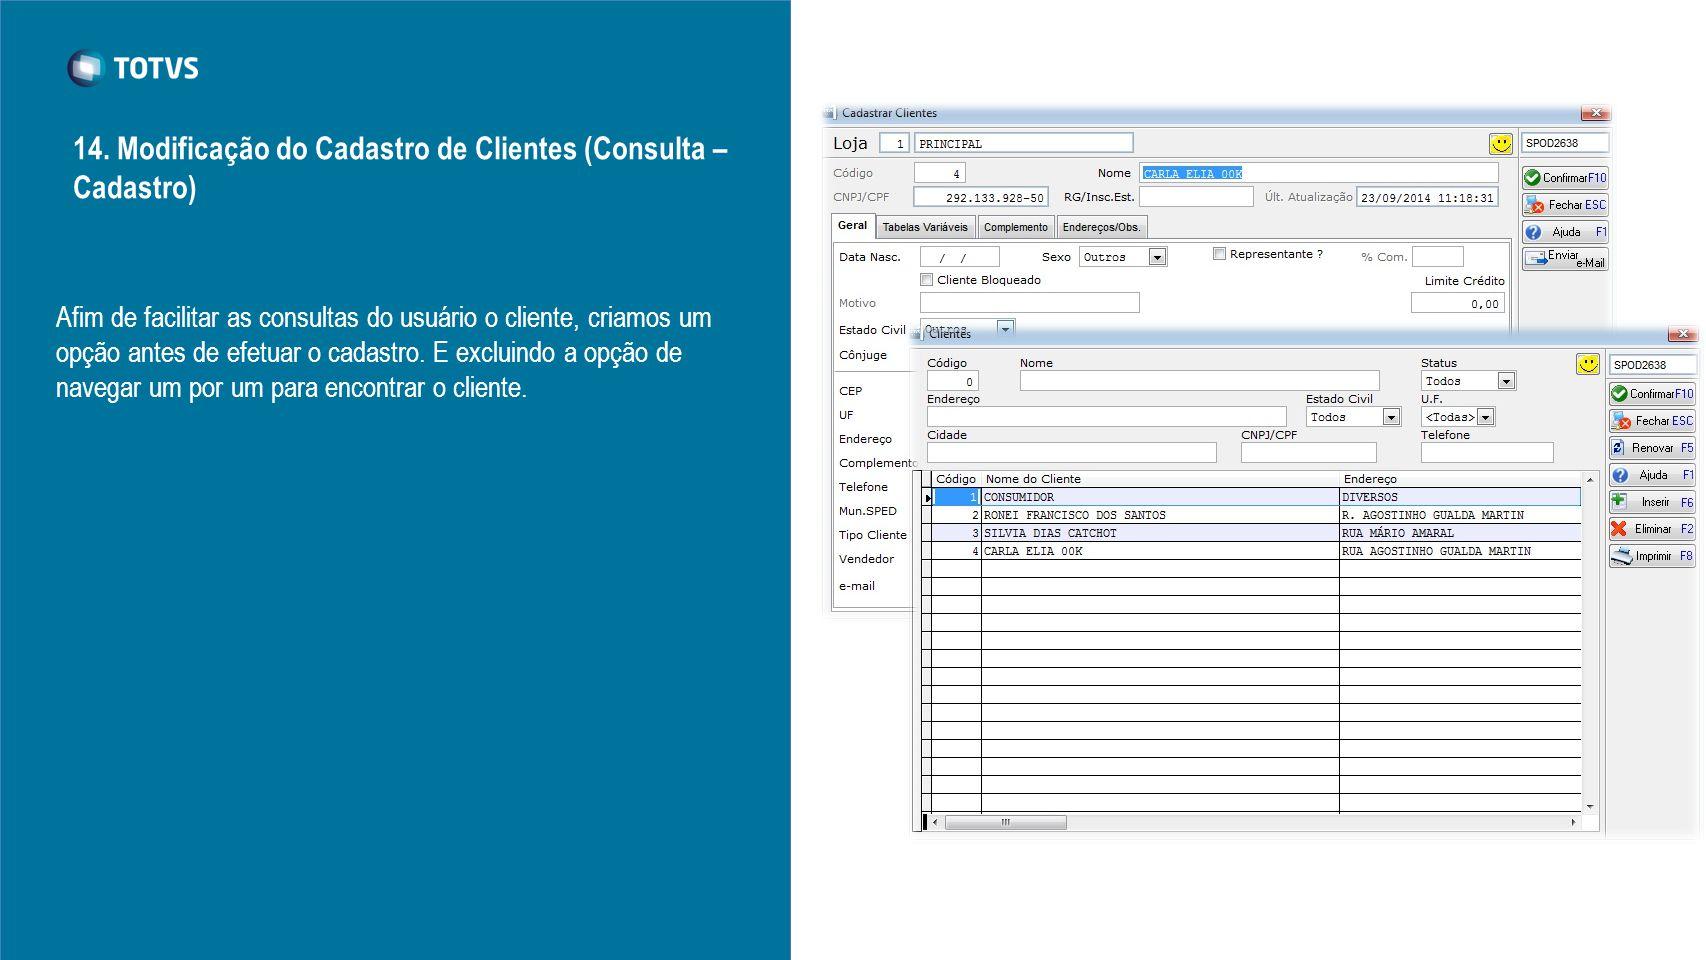 14. Modificação do Cadastro de Clientes (Consulta – Cadastro)